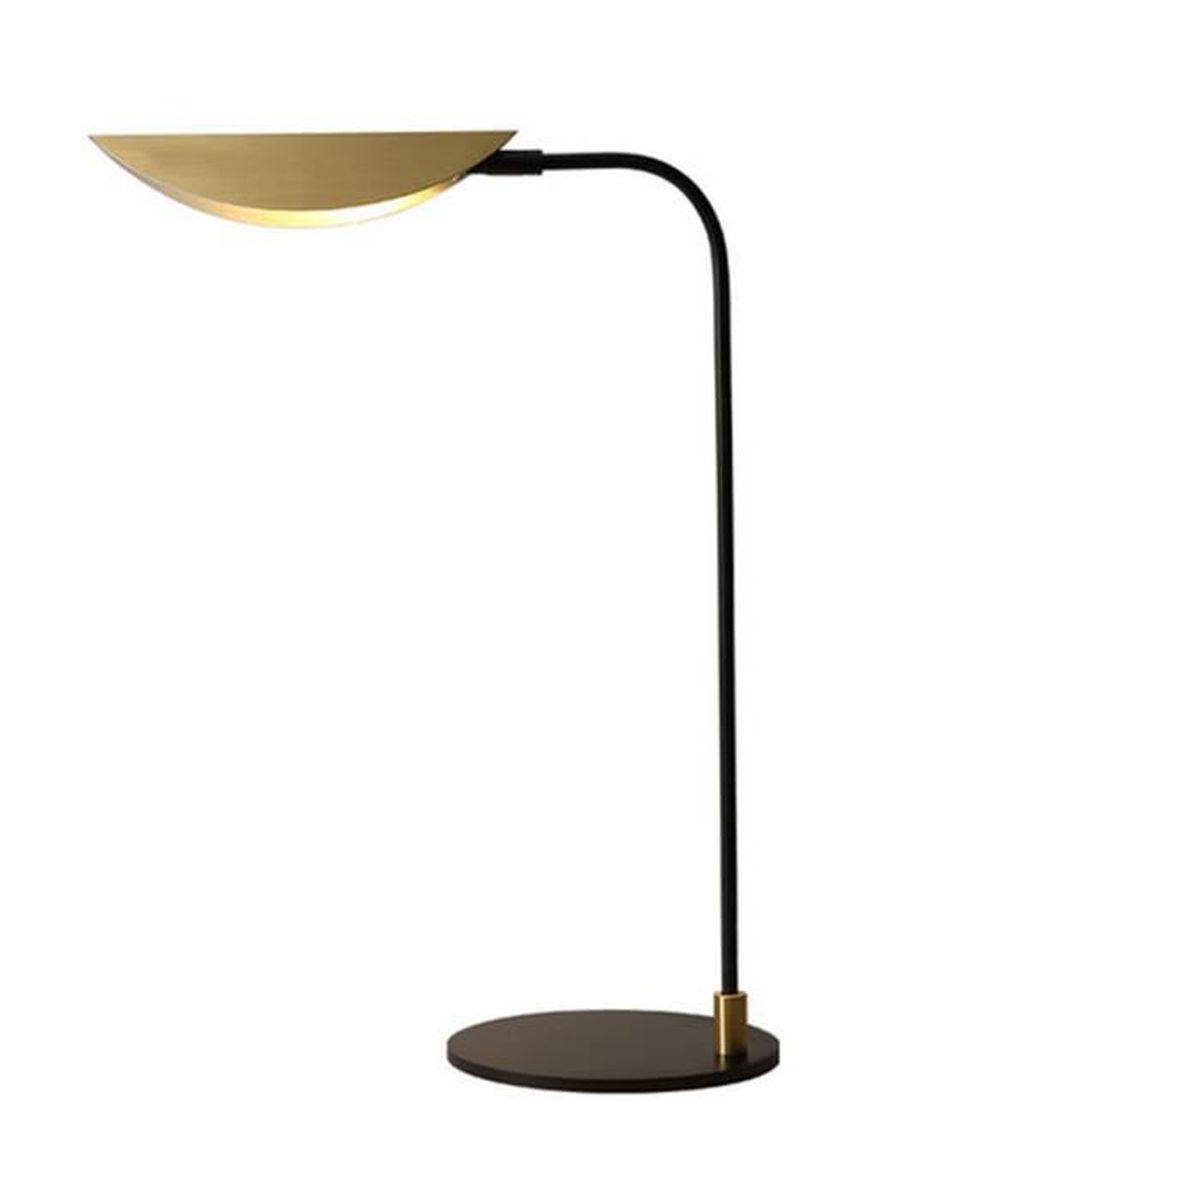 Lampe Fantaisie design coussin à poser forme élégant luminaire prise secteur